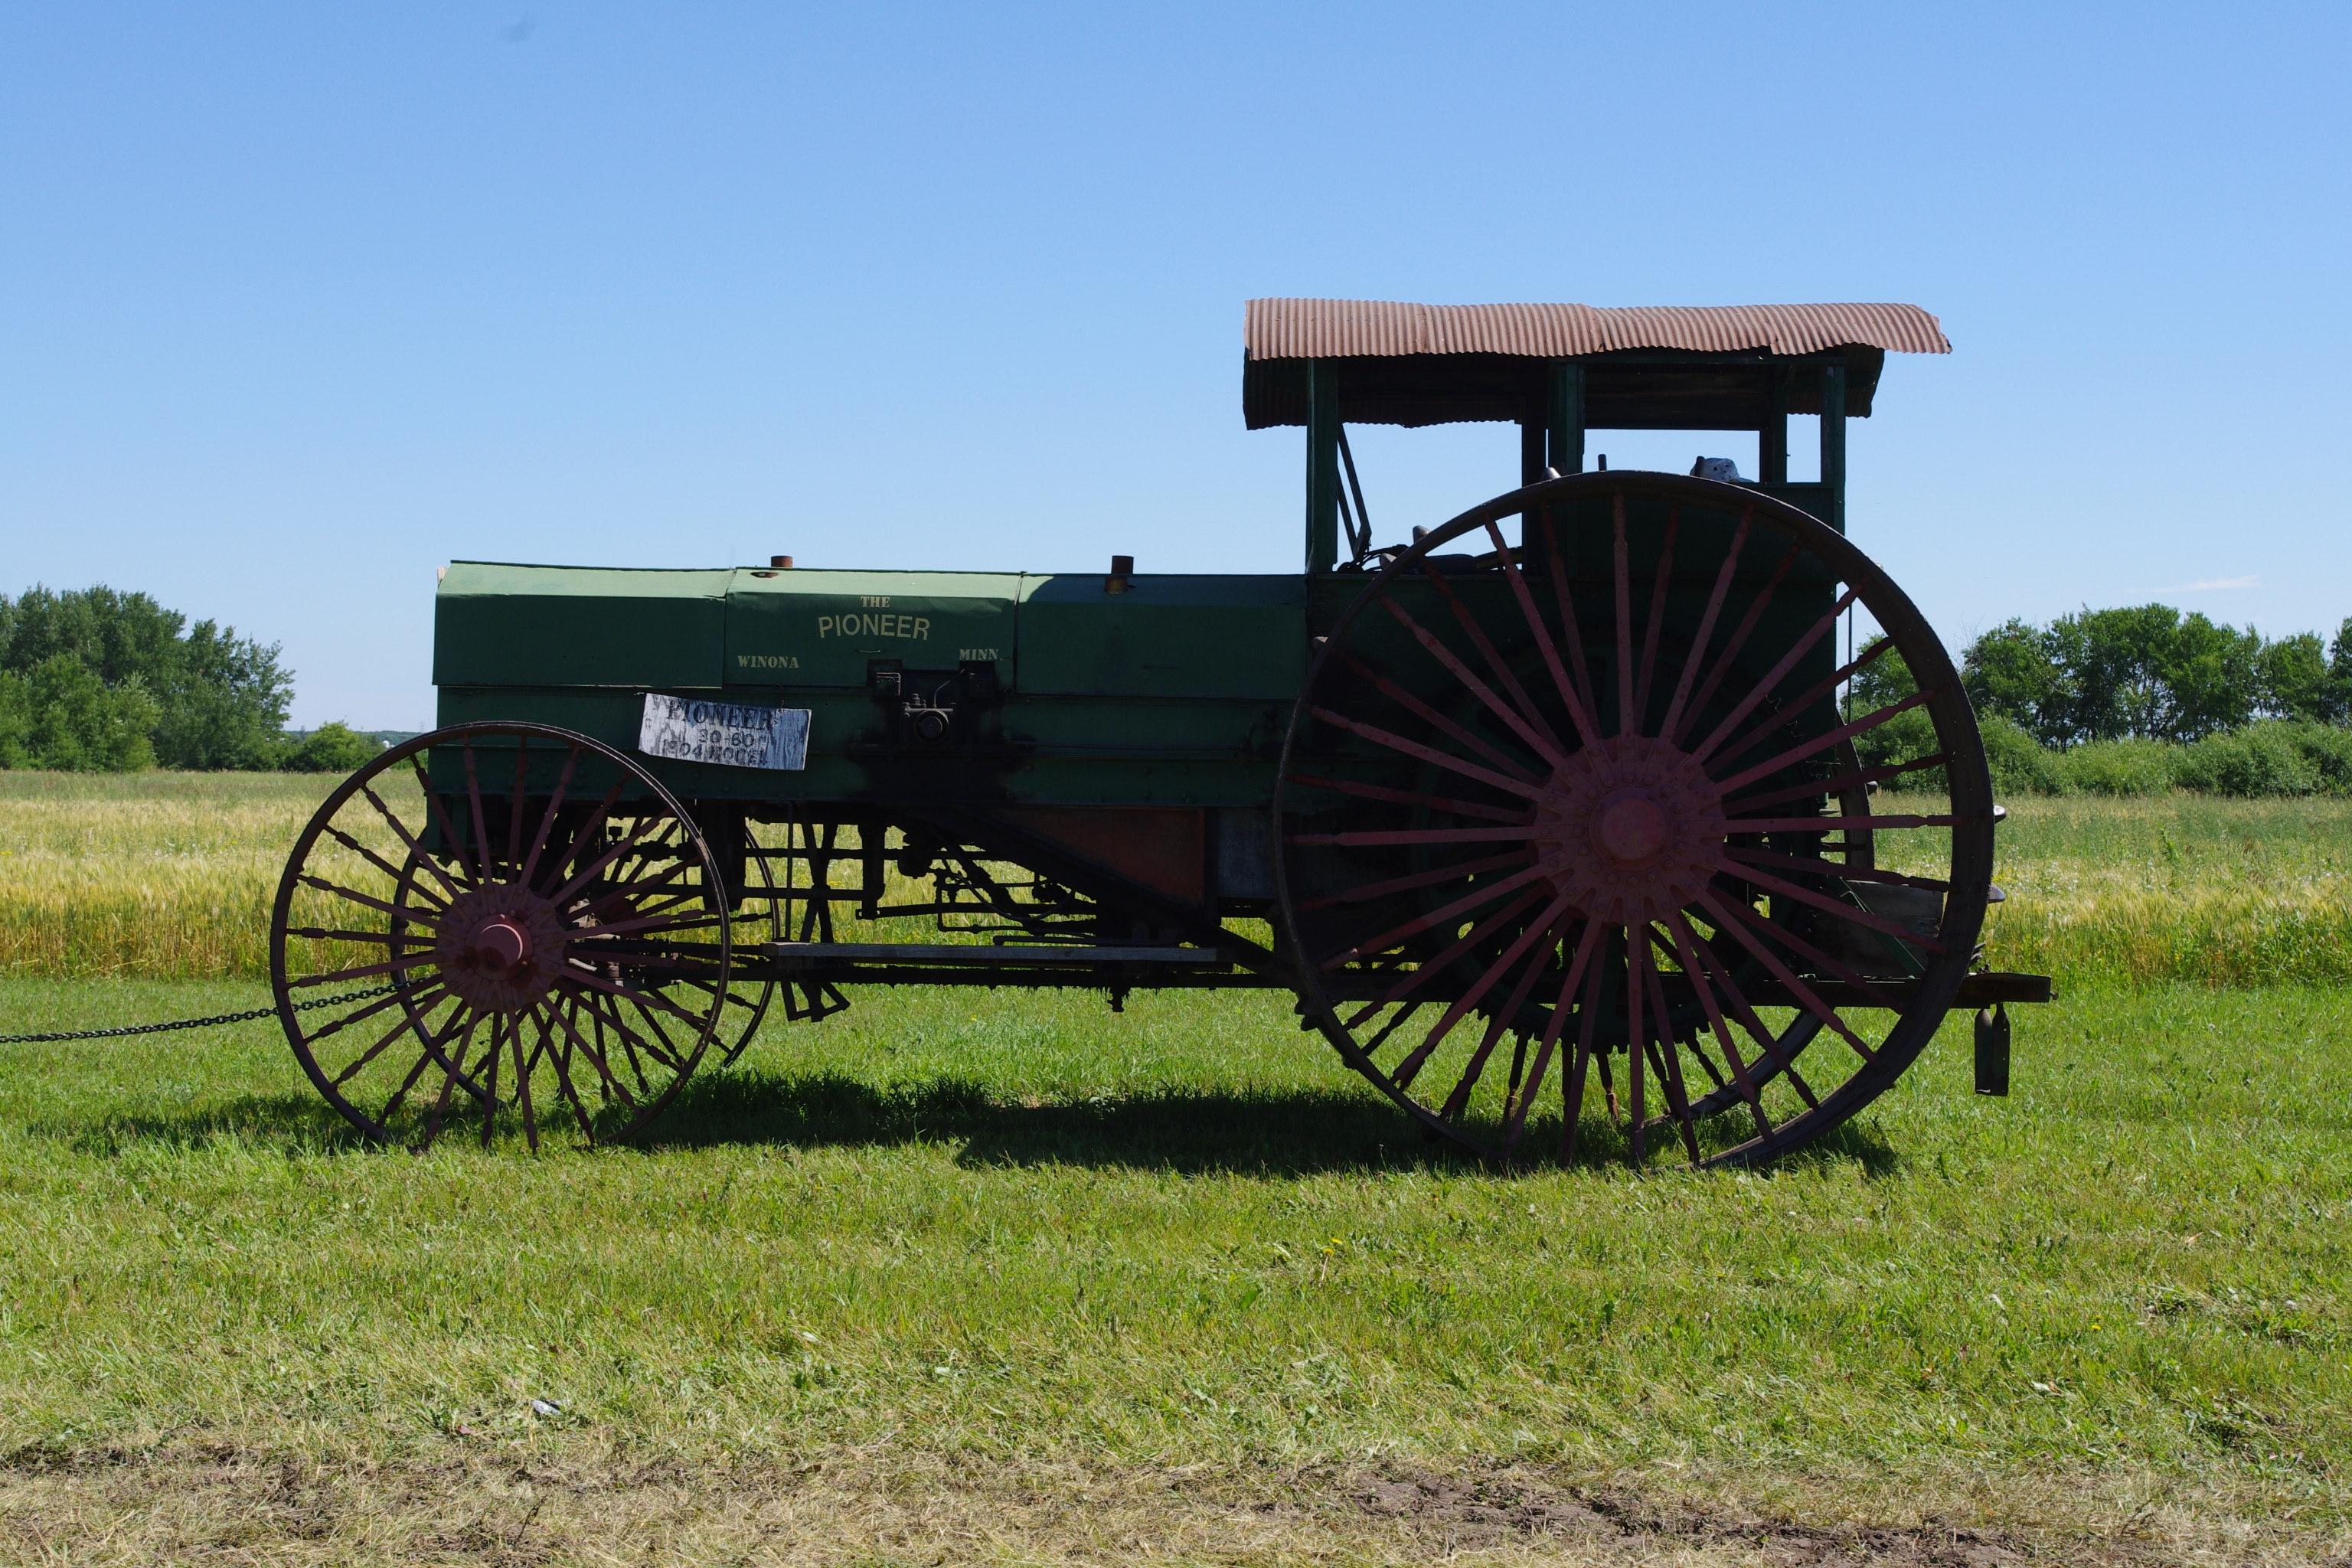 pioneer tractor farm tractors